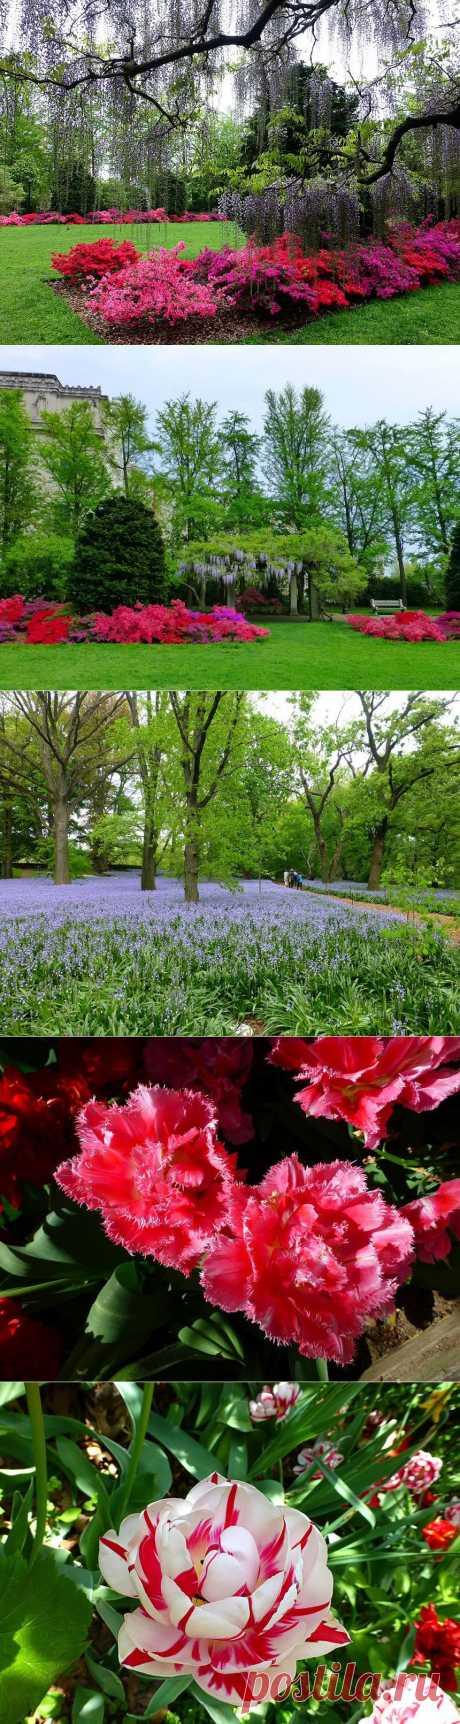 Бруклинский ботанический сад.Нью-Йорк.